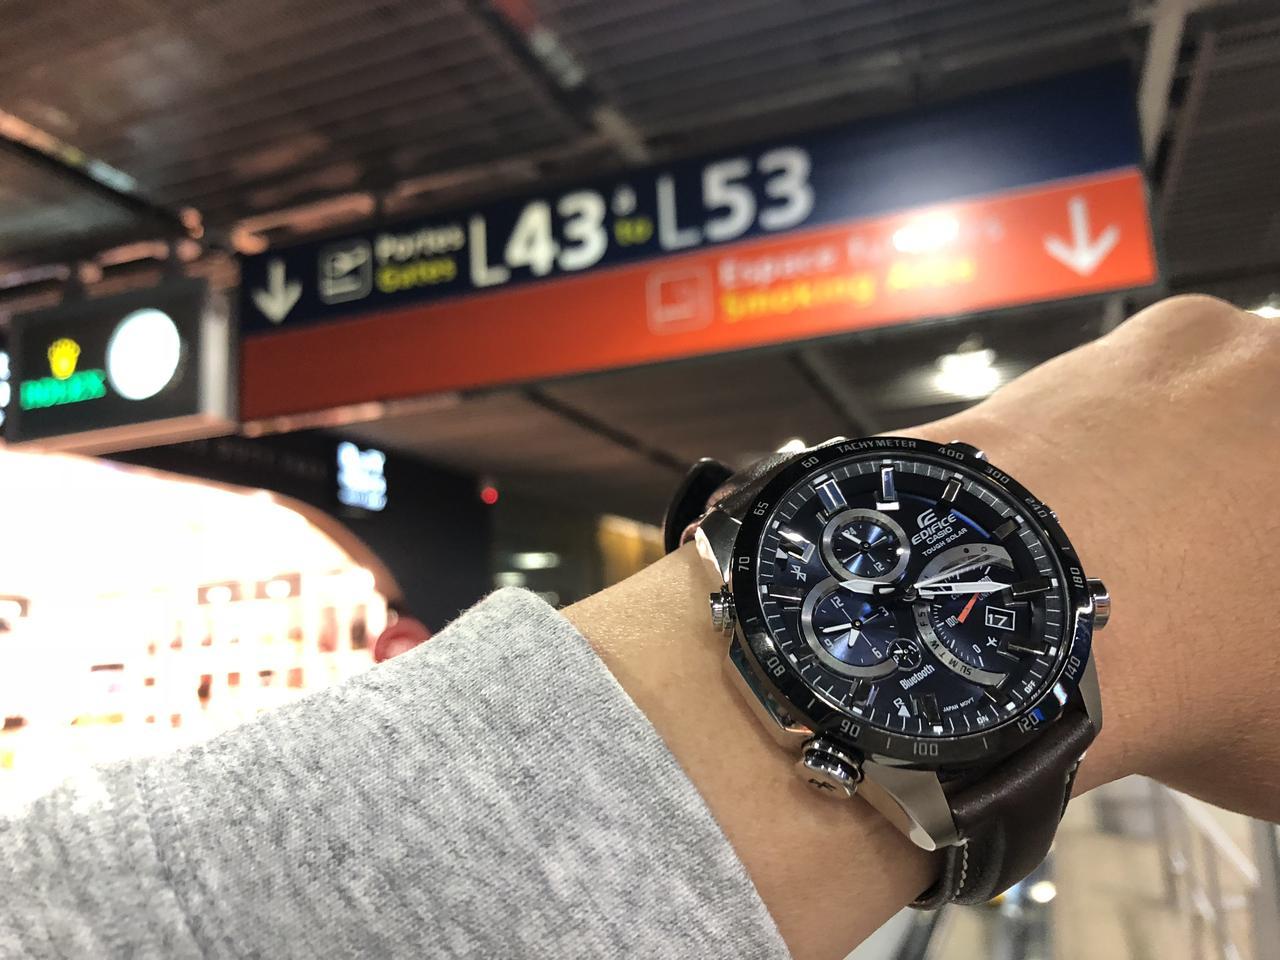 画像: 帰りのシャルル・ド・ゴール空港にて。フライトは23時25分発の深夜便。搭乗直前にボタンをワン・プッシュすれば日本時間がメインへと自動的に表示が切り替わる。これは本当に便利。